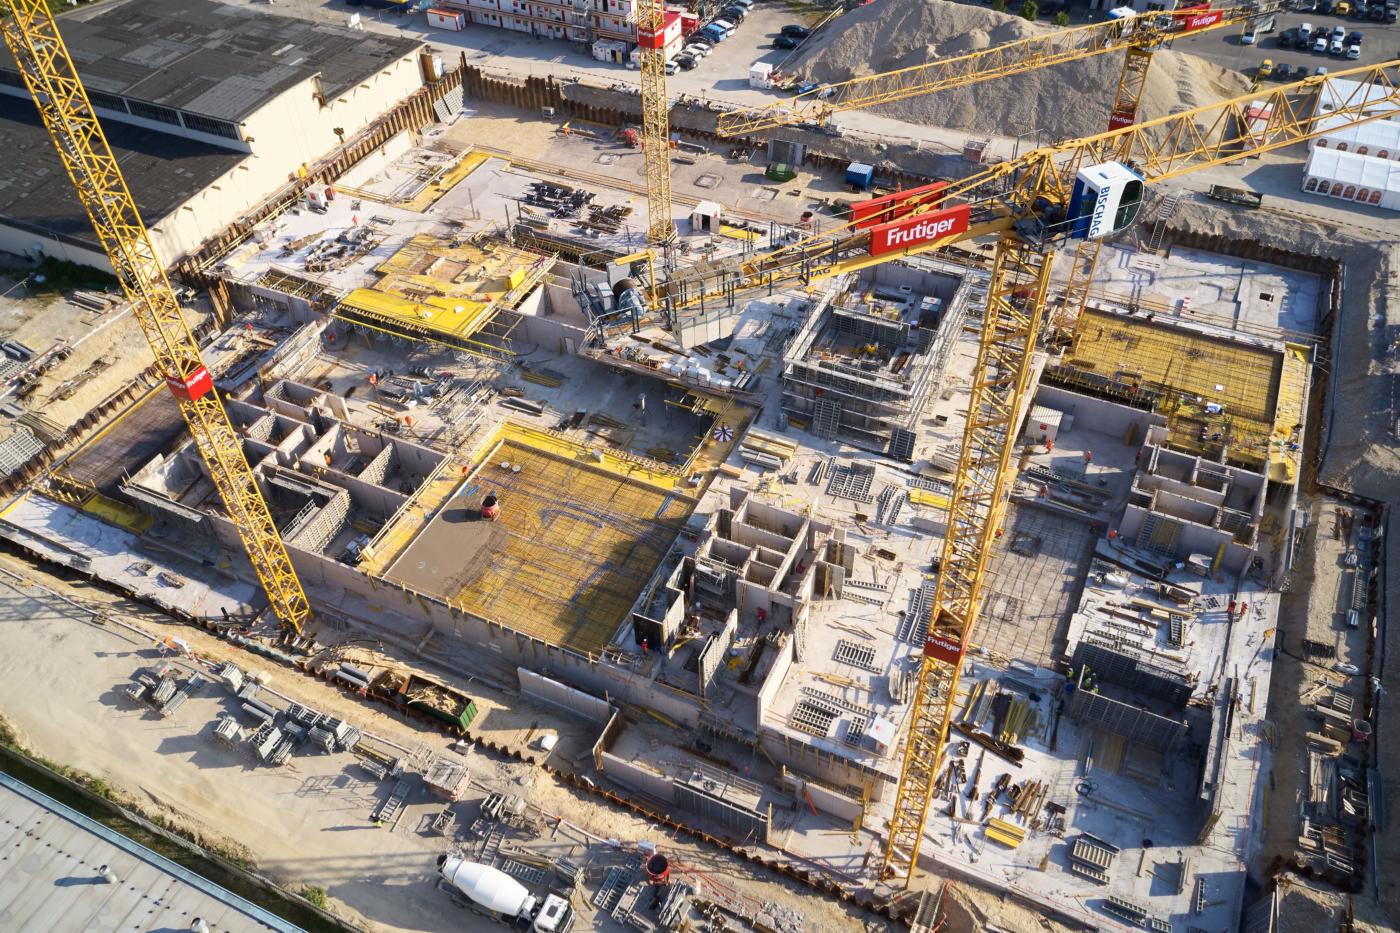 Photos pour ce dossier presse, uptownBasel est actuellement le plus grand chantier du Nord-Ouest de la Suisse. La construction du premier grand bâtiment sur le site a débuté le 28 mars 2019 et les travaux de construction battent déjà leur plein.  © Copyright Bela Böke, arbel gmbh  Digitale Medienmappe «Première pierre de l'uptownBasel: un «saut quantique» pour l'industrie», uptownBasel